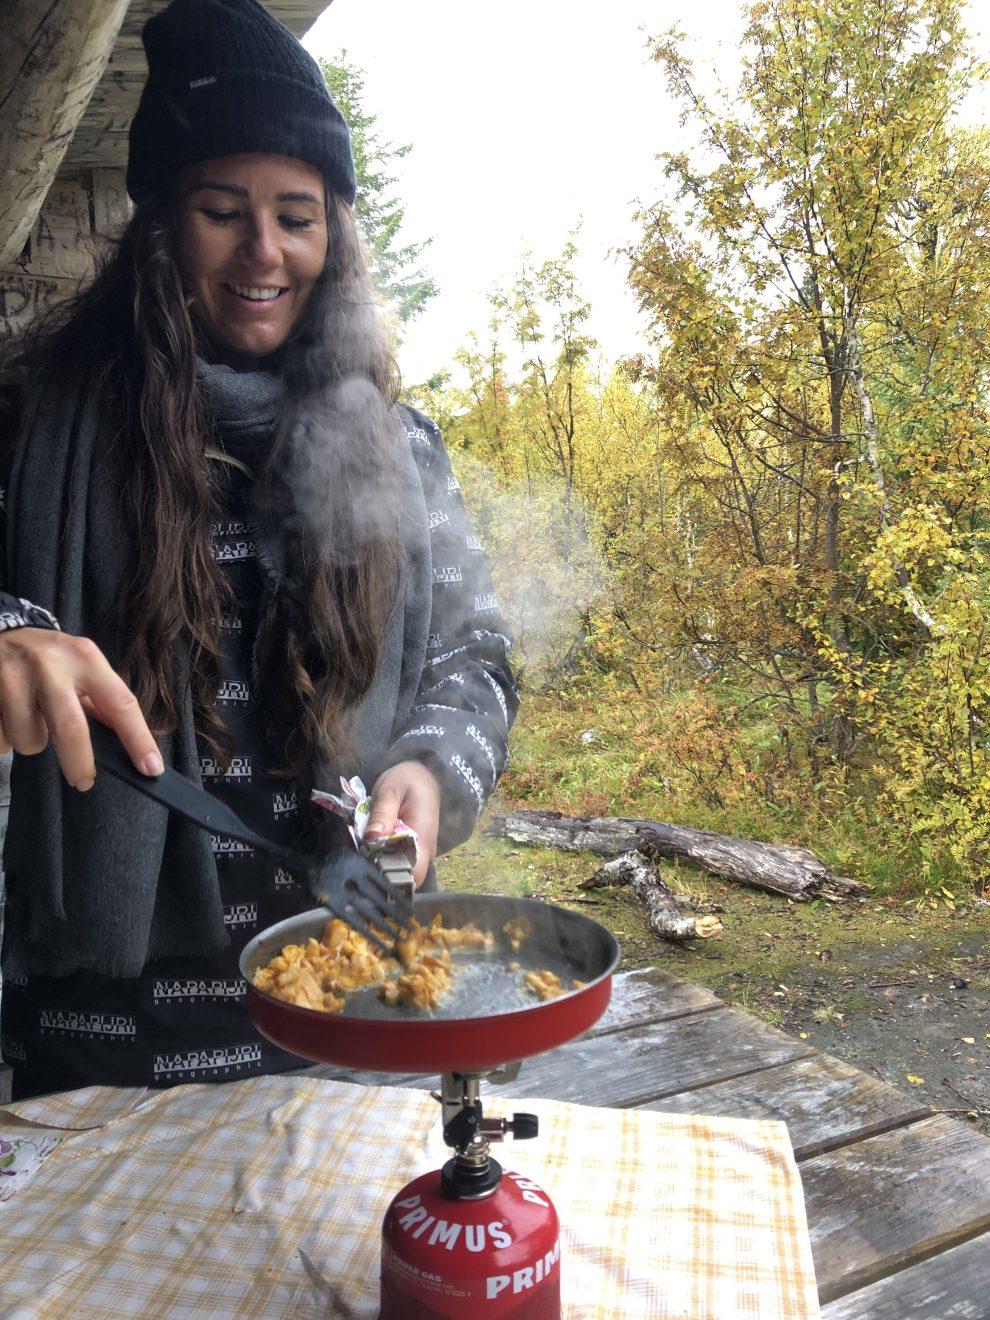 Vakantie in de wildernis van Zweden -Chanterellen plukken - lunchen in de wildernis van Zweden, Vildmarksvägen, Wilderness Road Zweden, op vakantie in Jamtland.